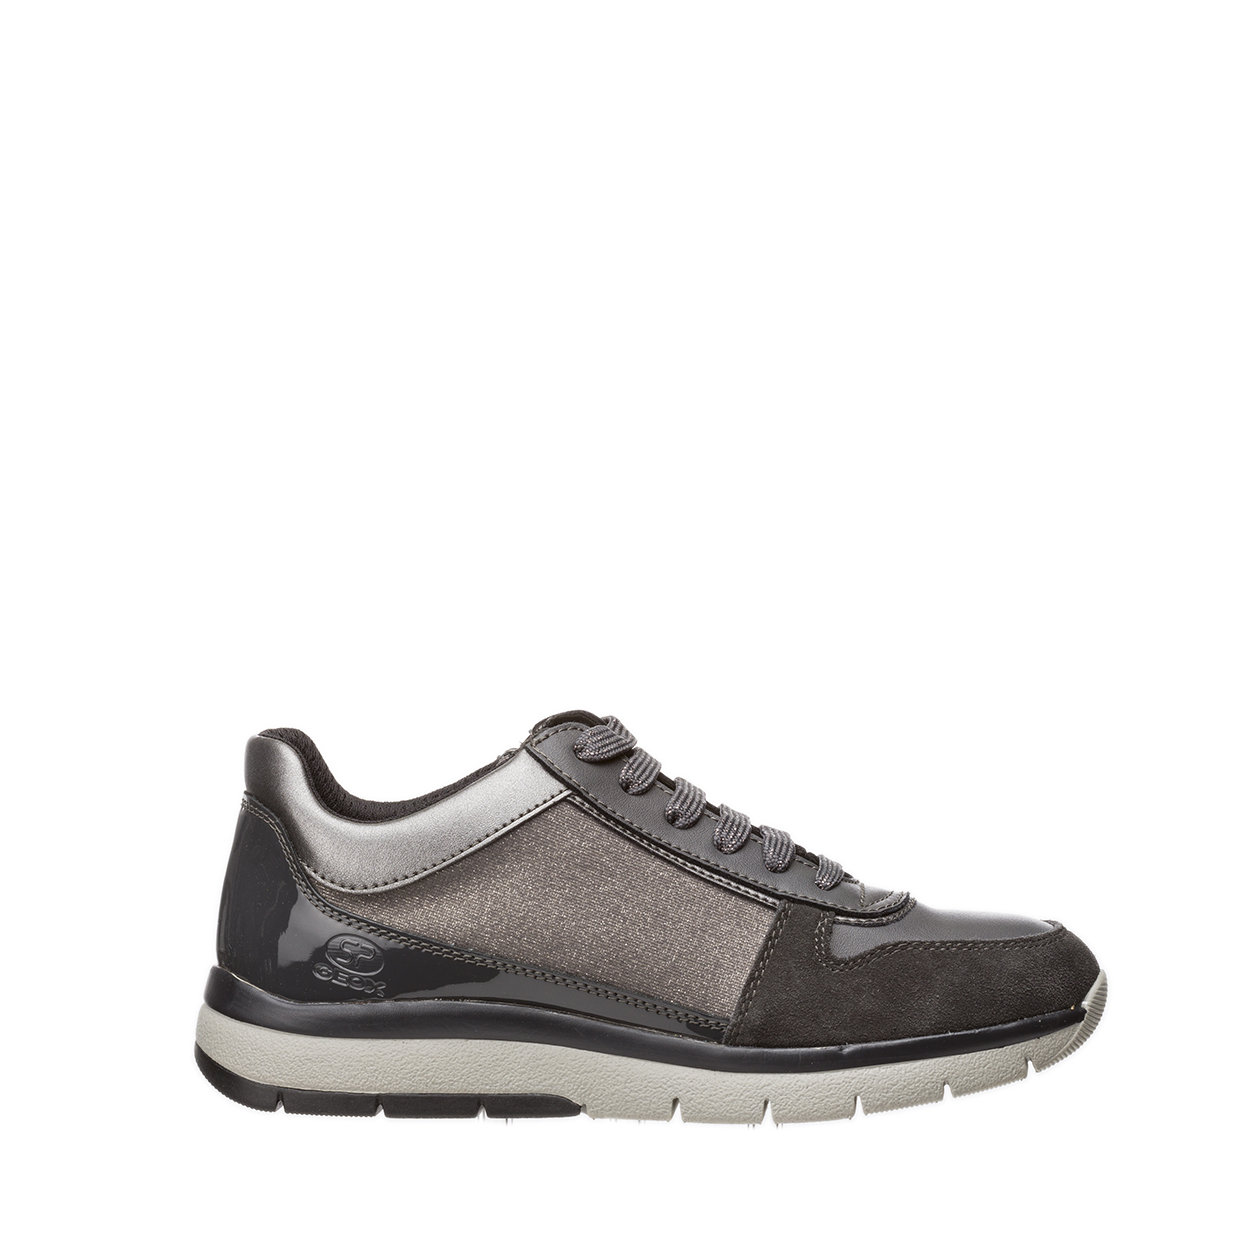 immagini dettagliate 21f9e 1d2fa Sneakers Callyn antracite - GEOX SCARPE - Acquista su Ventis.